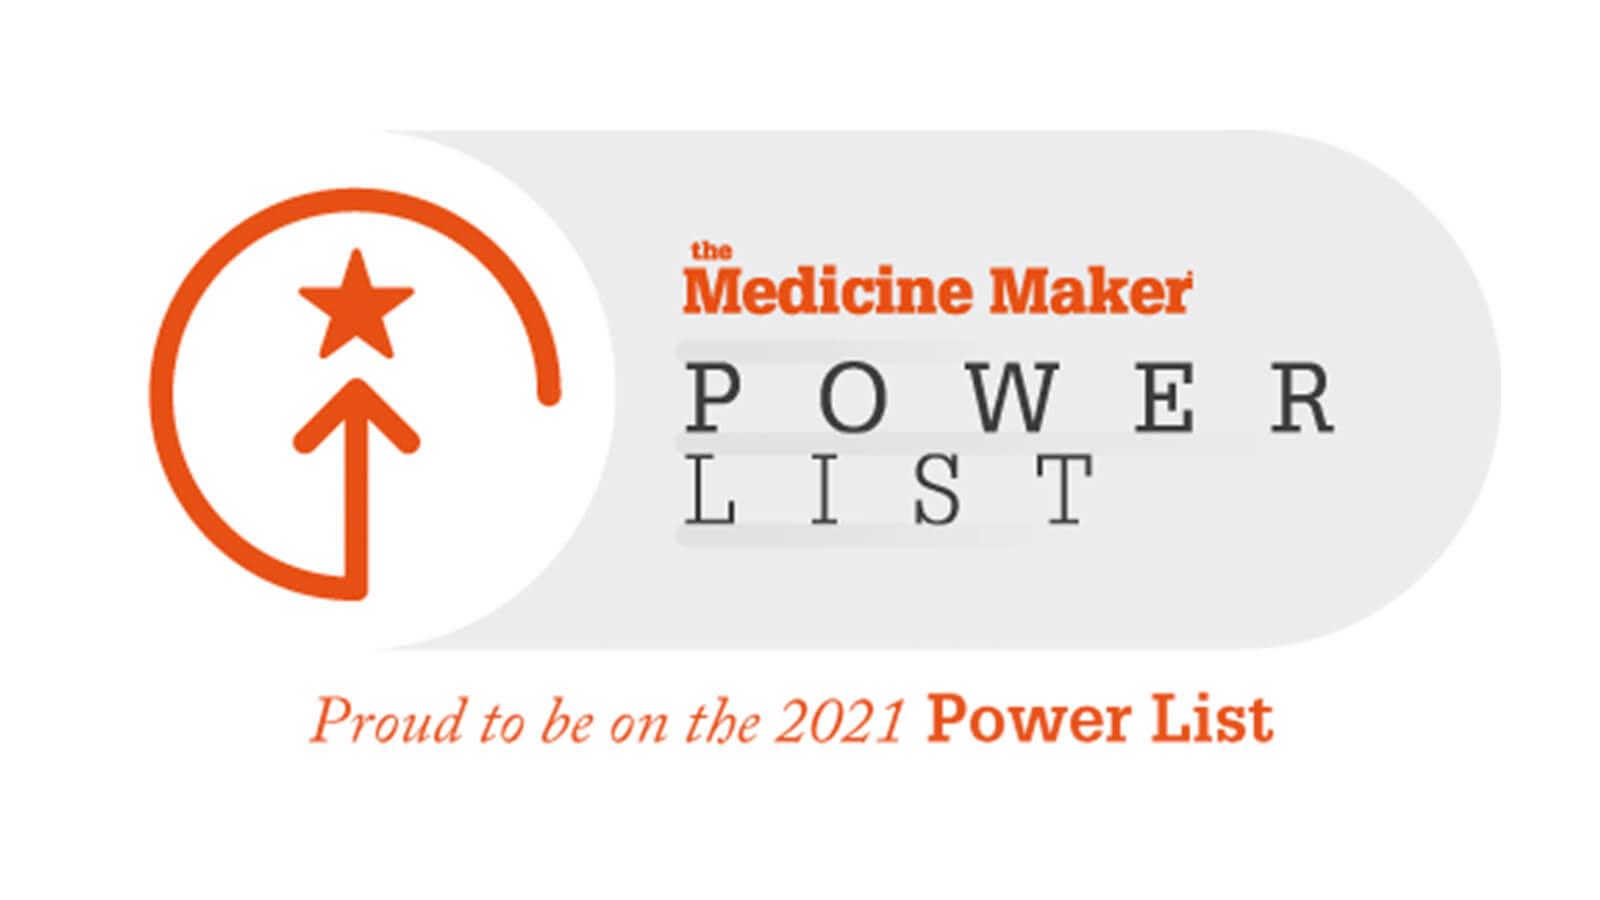 Medicine Maker Power List 2021